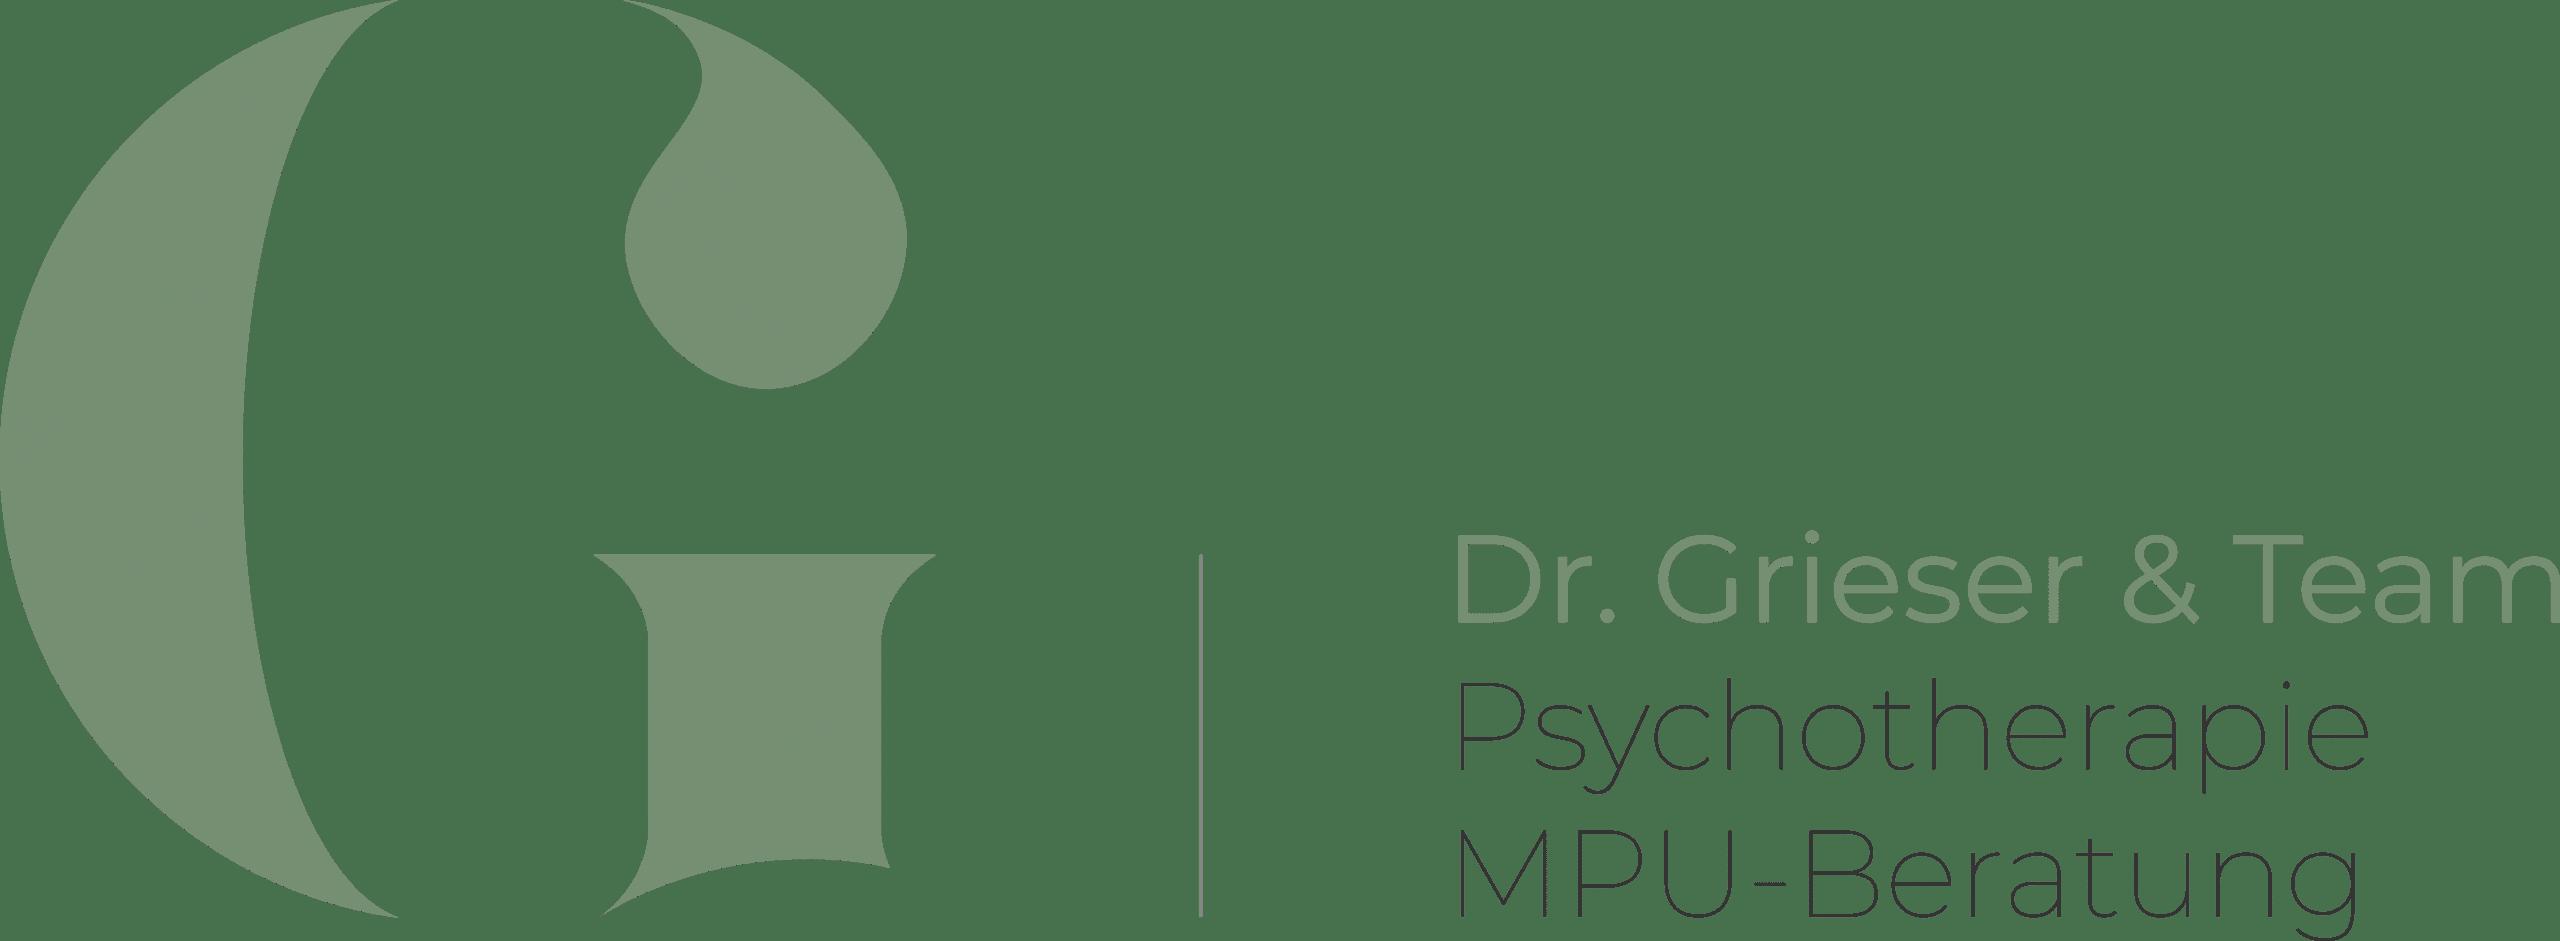 Dr. Grieser & Team - Psychotherapie & MPU-Beratung